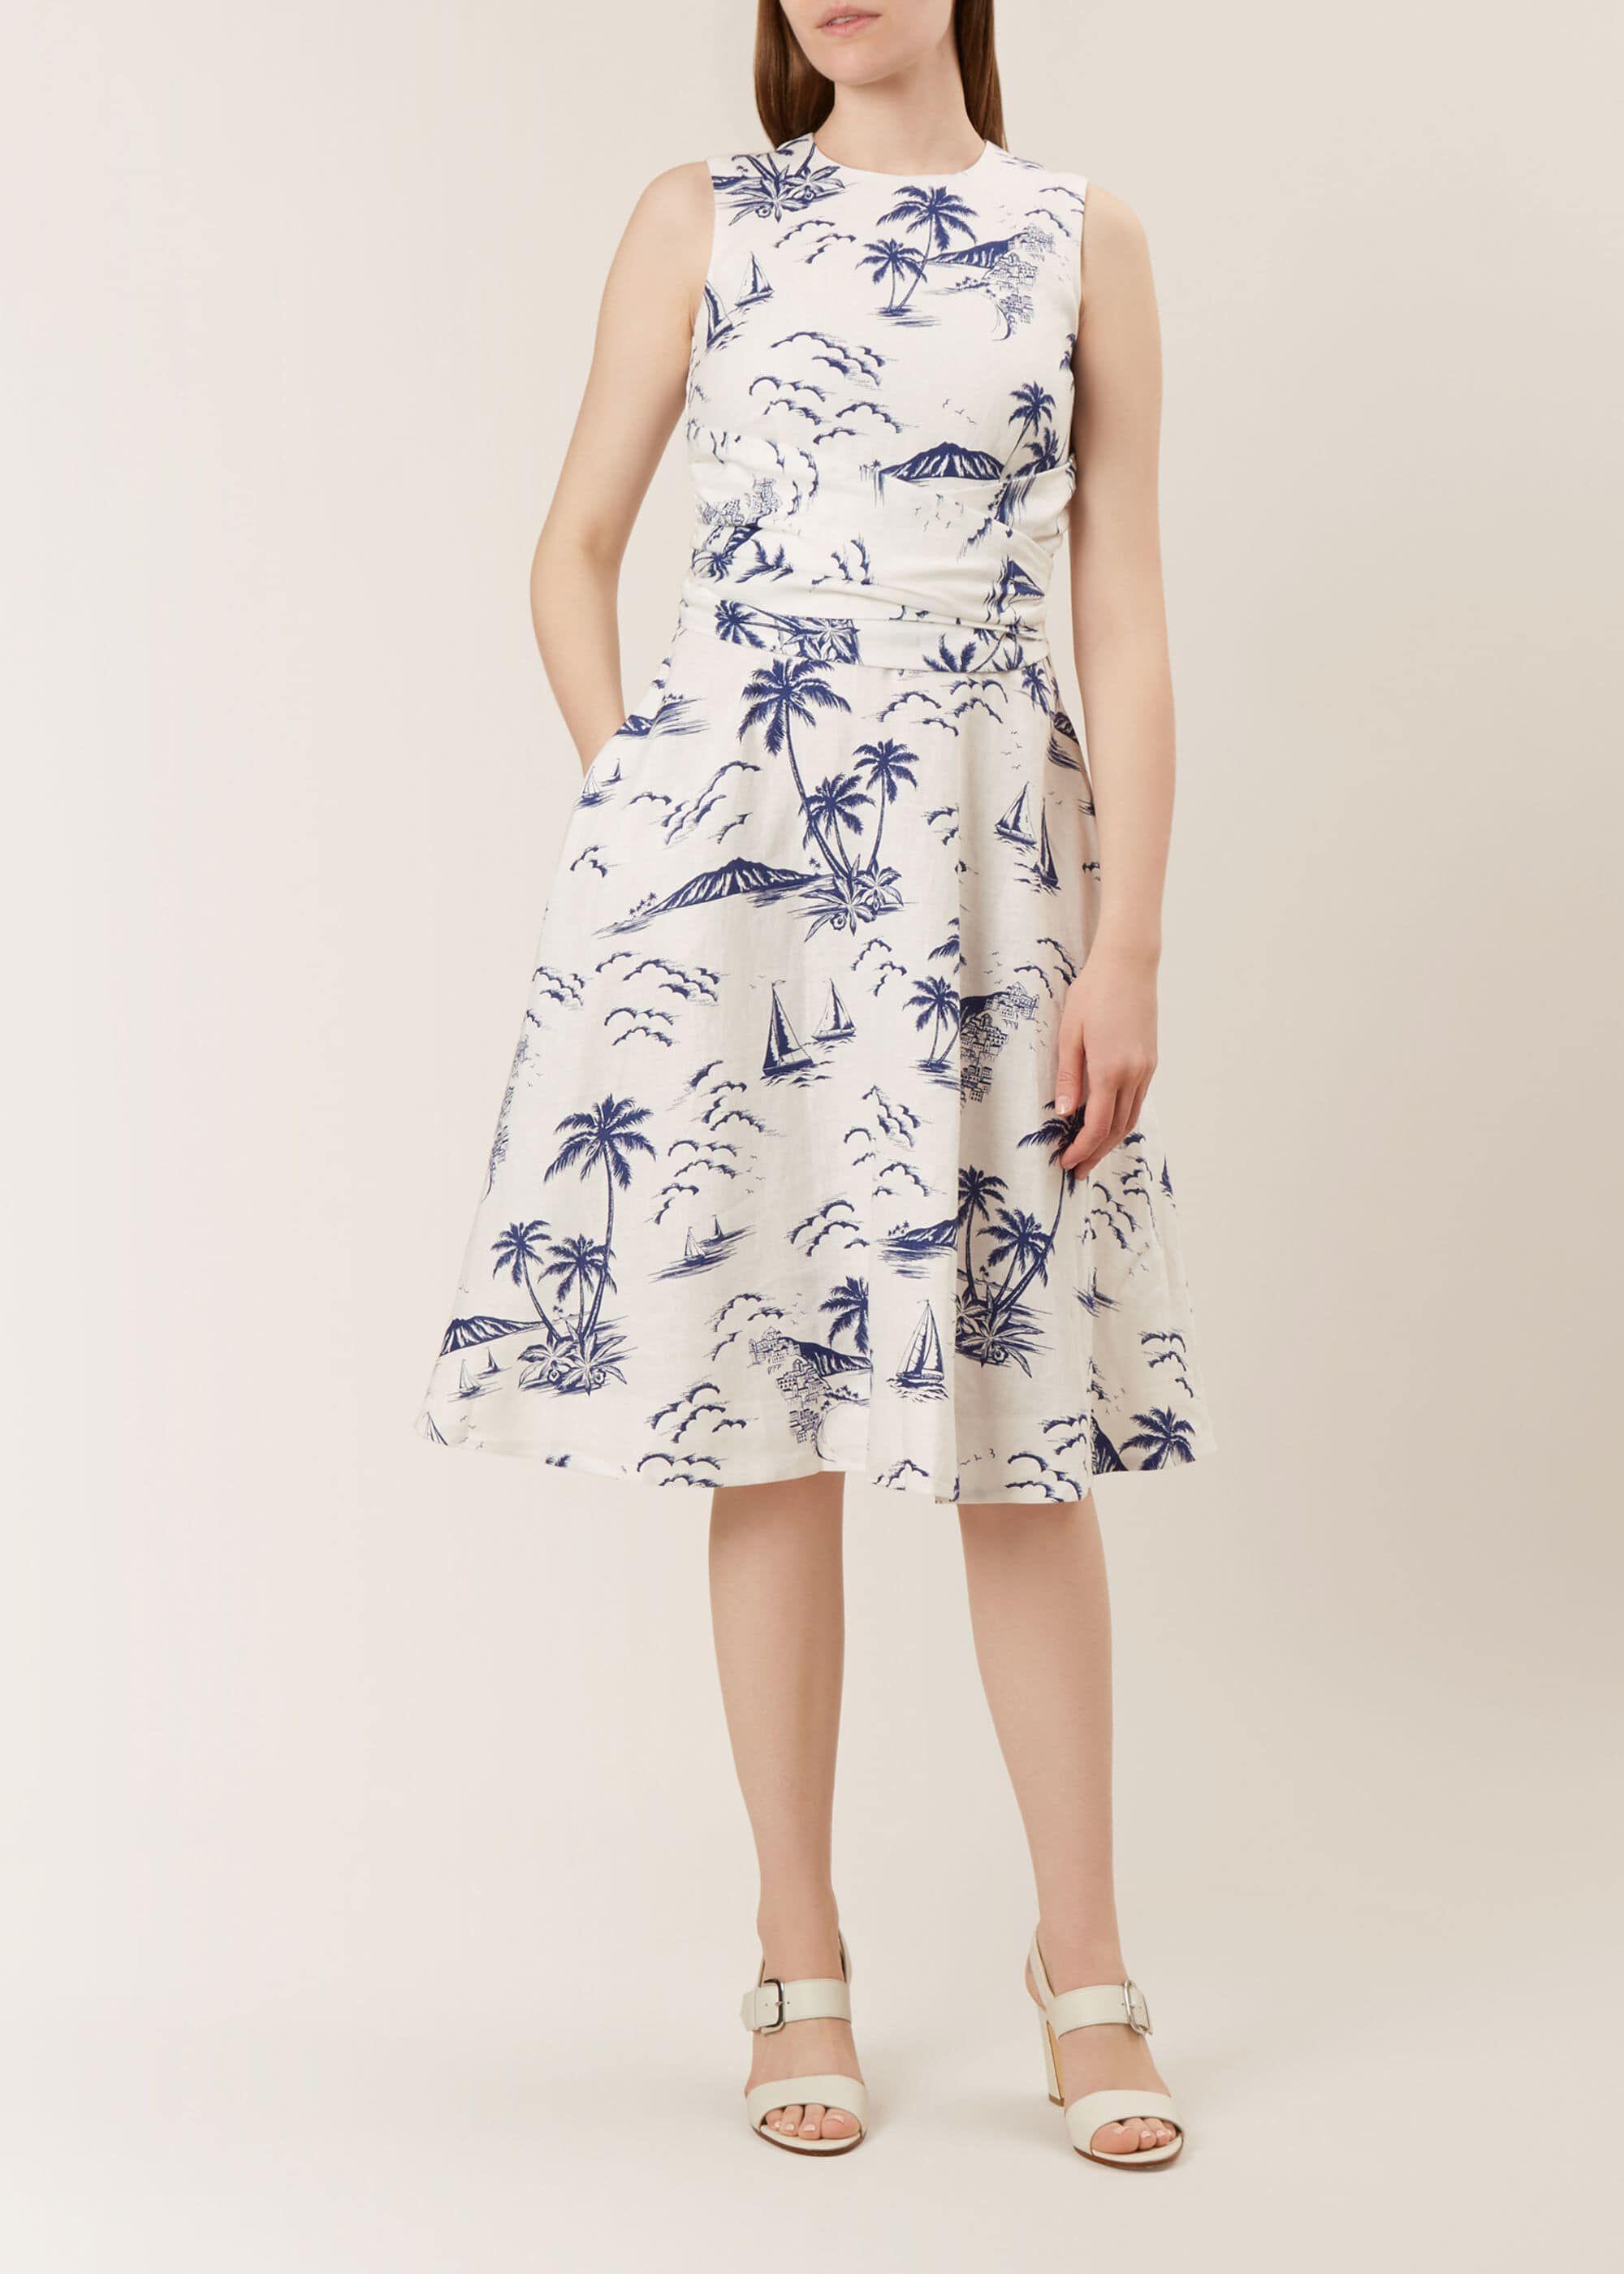 Twitchill Linen Dress